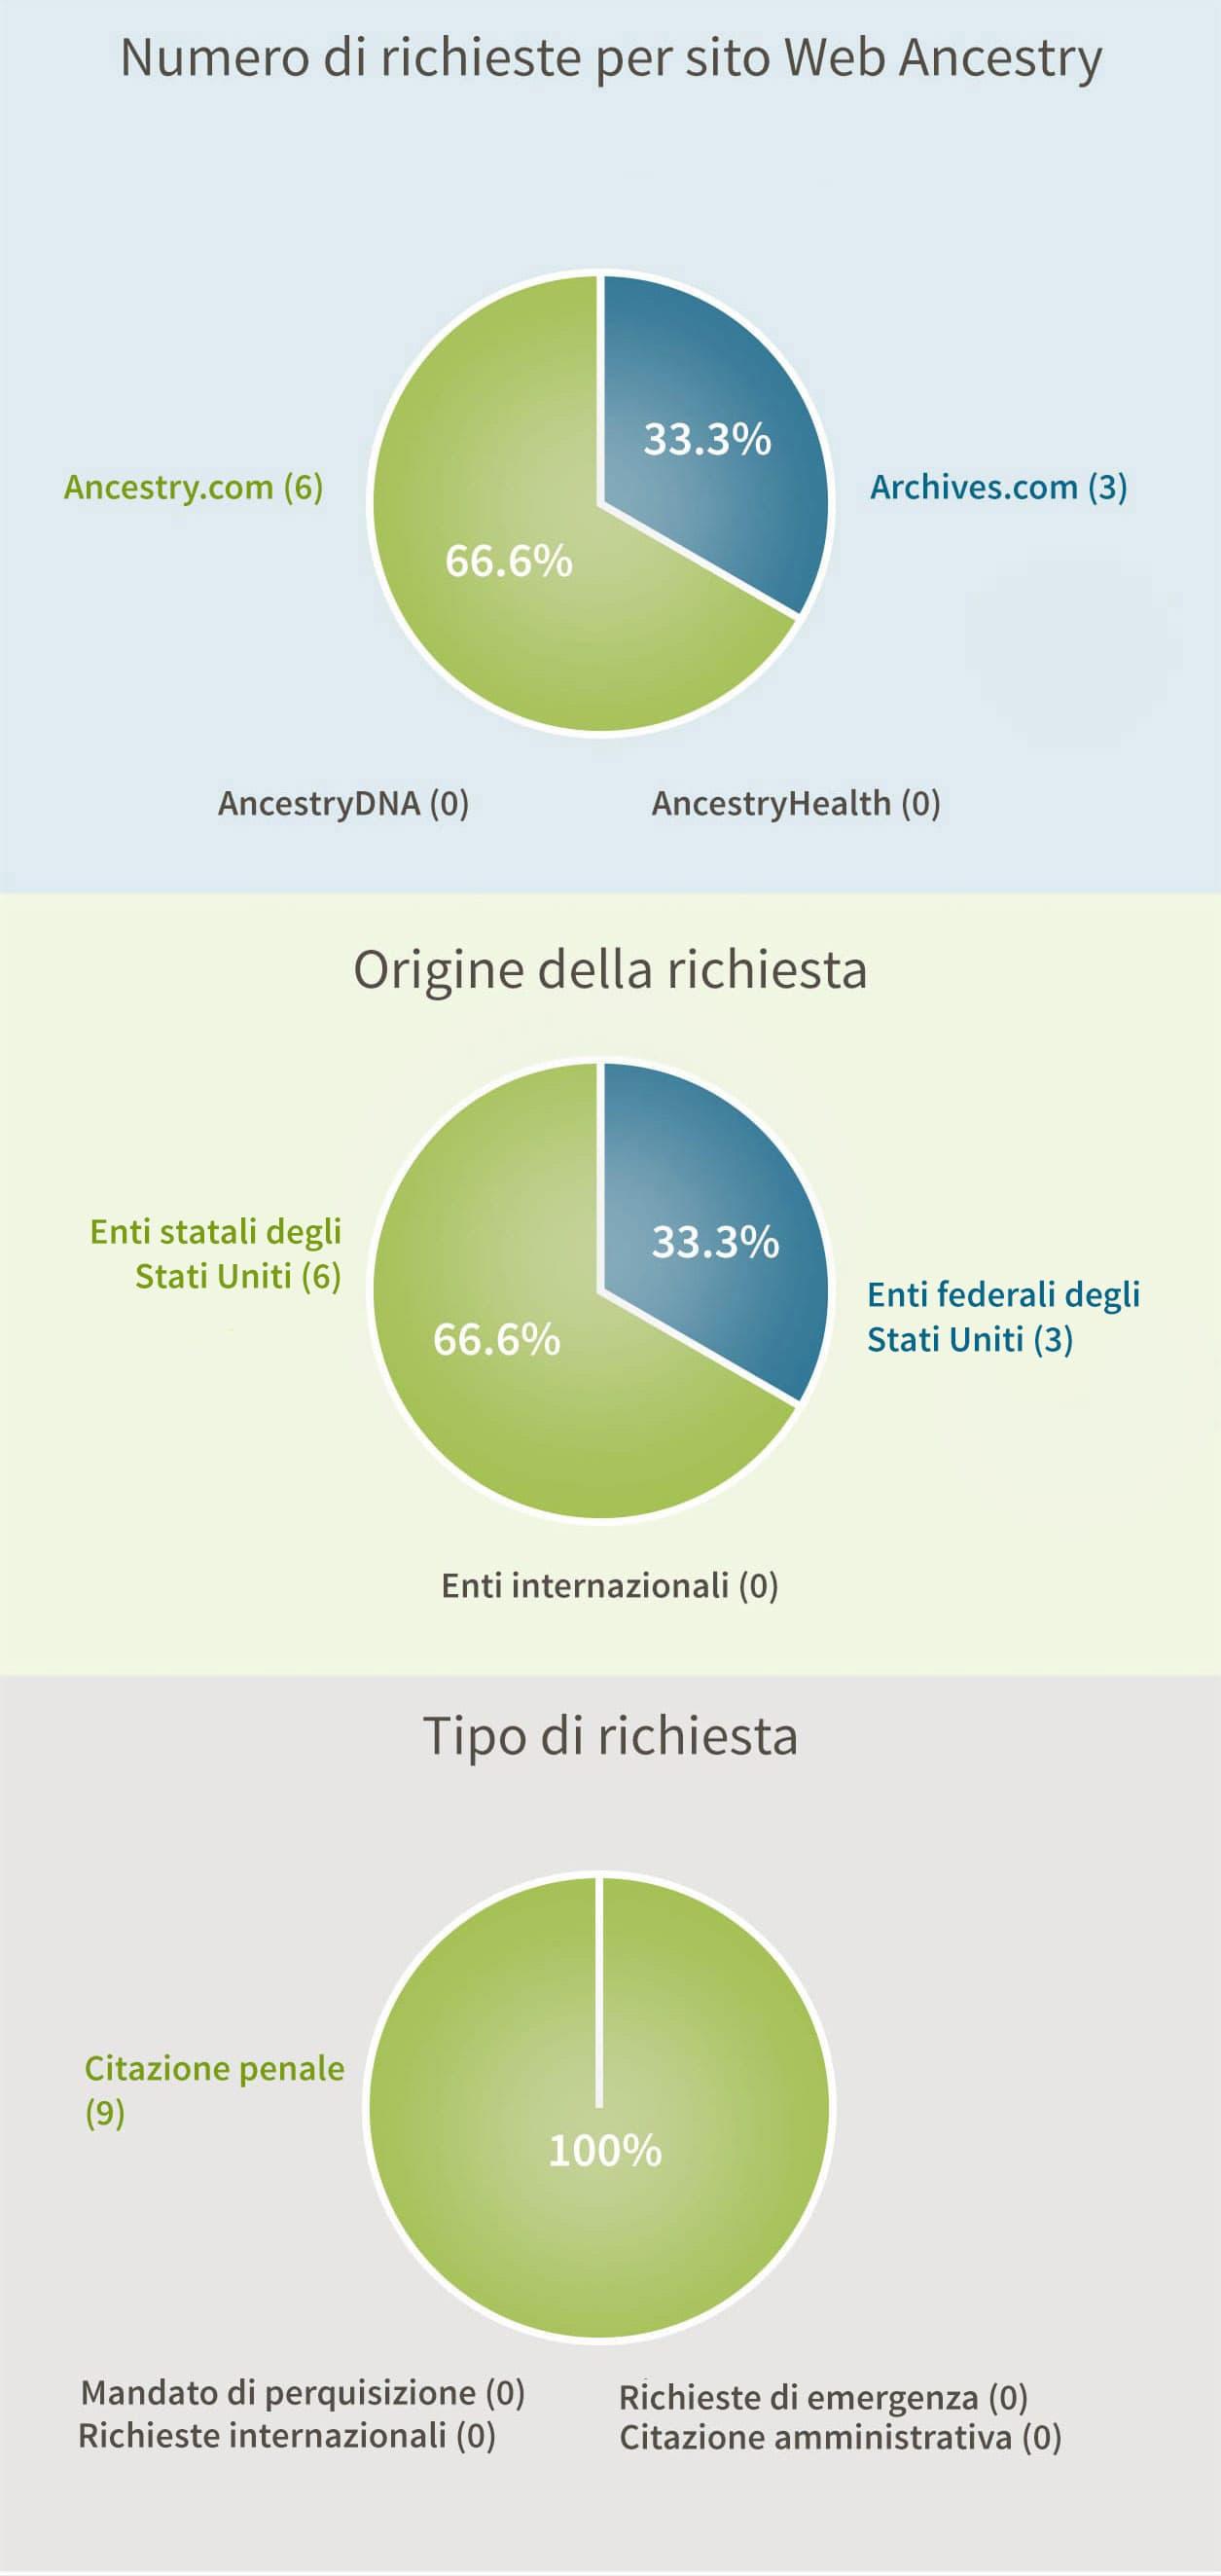 Numero di richieste per sito Web Ancestry: Ancestry.com e Archives.com (0), Archives.com (3), Ancestry.com (6), AncestryDNA (0), AncestryHealth (0). Origine della richiesta: Enti federali degli Stati Uniti (3), Enti statali degli Stati Uniti (6), Enti internazionali (0). Tipo di richiesta: Citazione amministrativa (0), Citazione penale (9), Mandato di perquisizione (0), Richieste internazionali (0), Richieste di emergenza (0).